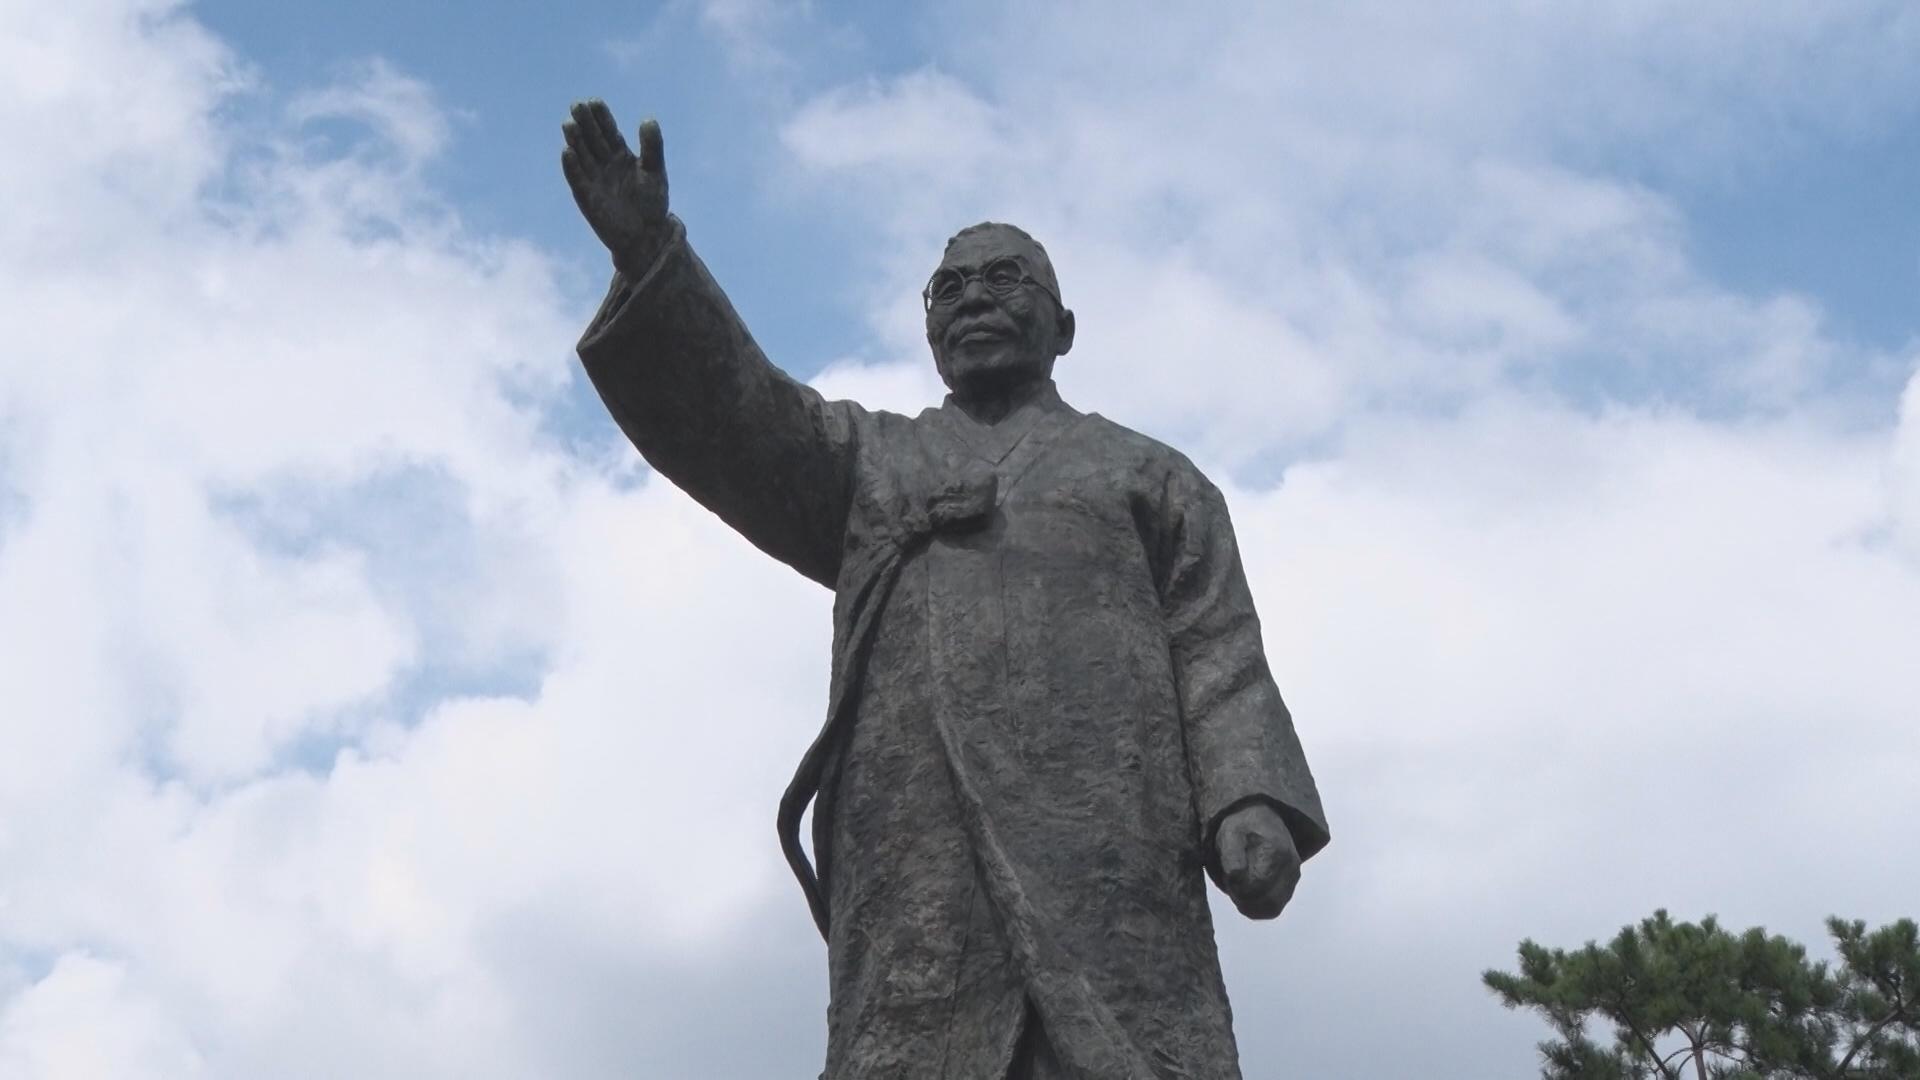 친일 작가가 기리는 독립운동 서울 곳곳 씁쓸한 모순